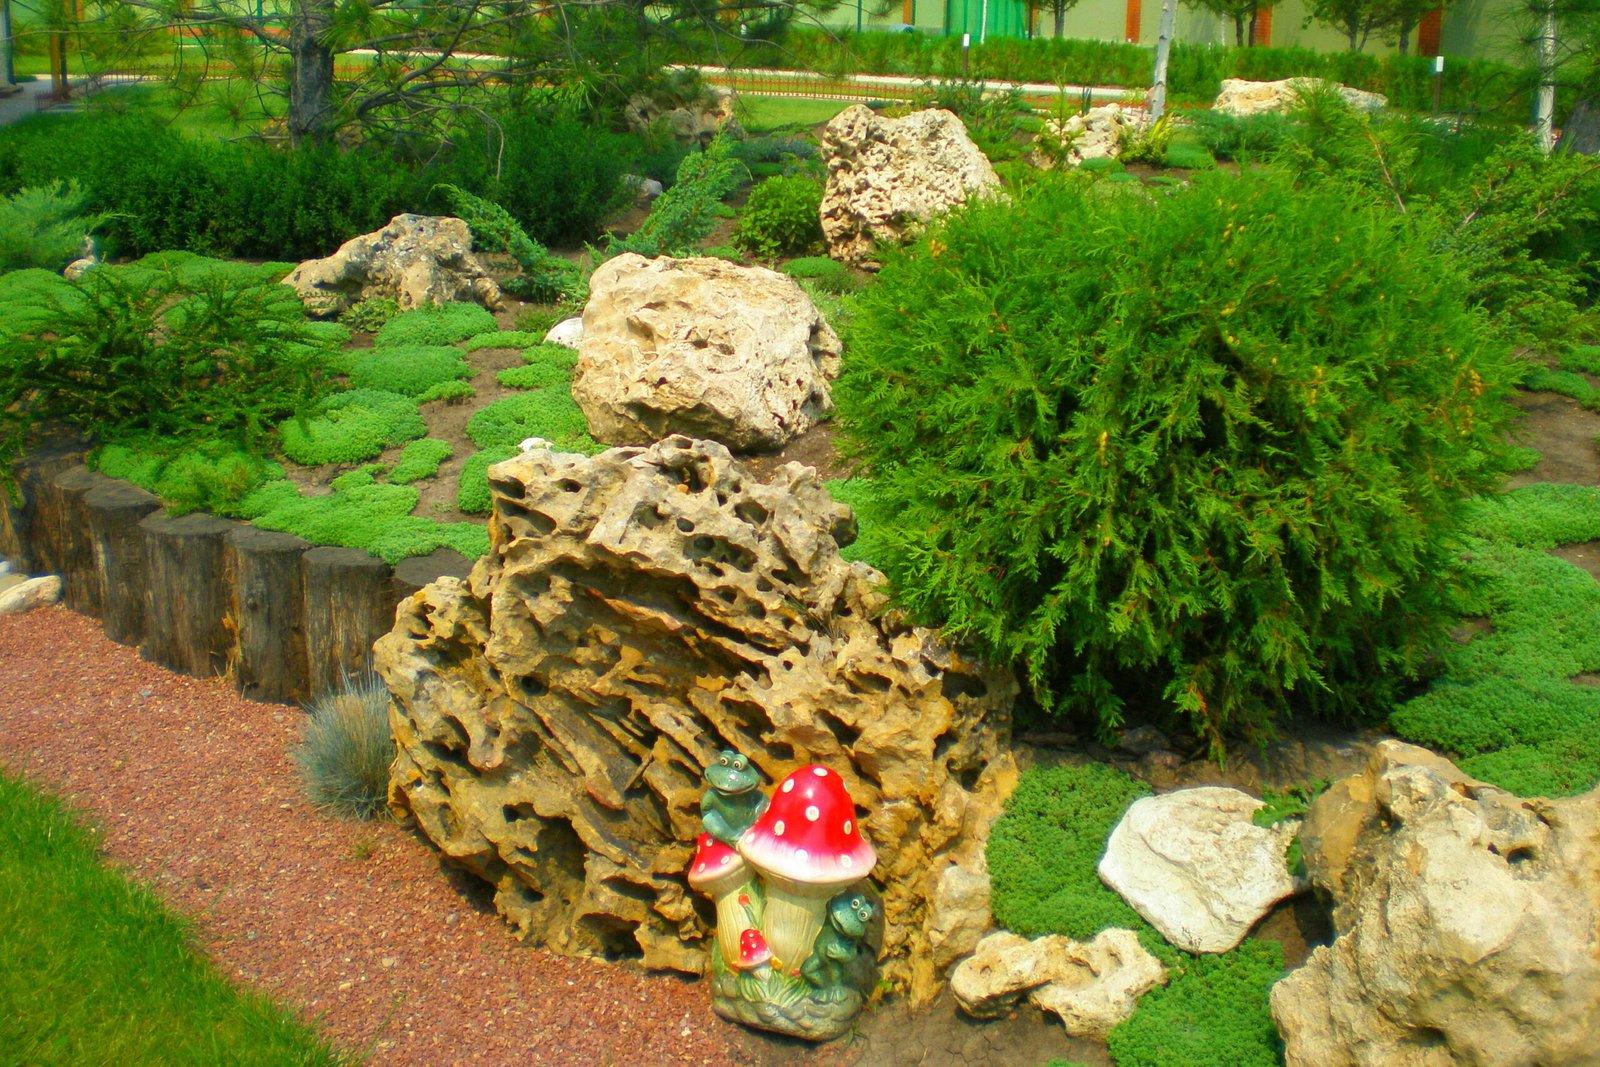 Озеленение территории по выгодным ценам, сделать территорию привлекательной и уютной, загородный дом